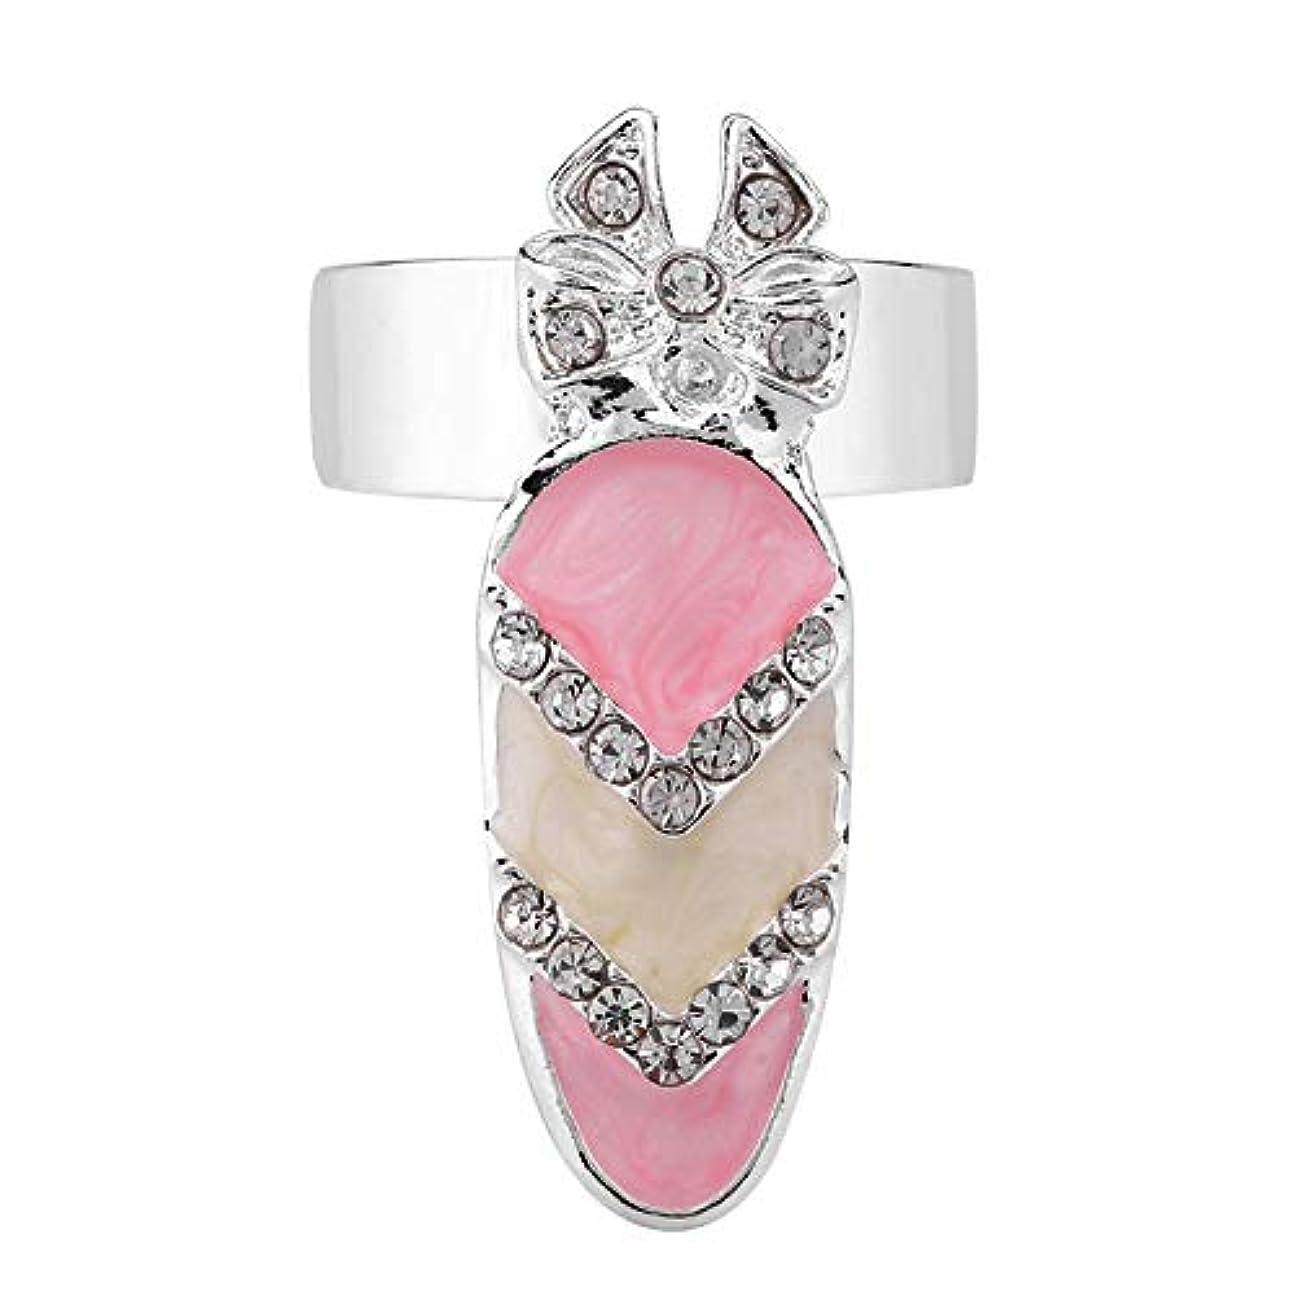 懐ひも契約するSemmeちょう結びのナックルの釘のリング、指の釘の指輪6種類のちょう結びの水晶指の釘の芸術のリングの女性の贅沢な指の釘のリングの方法ちょう結びの釘の釘のリングの装飾(5#)